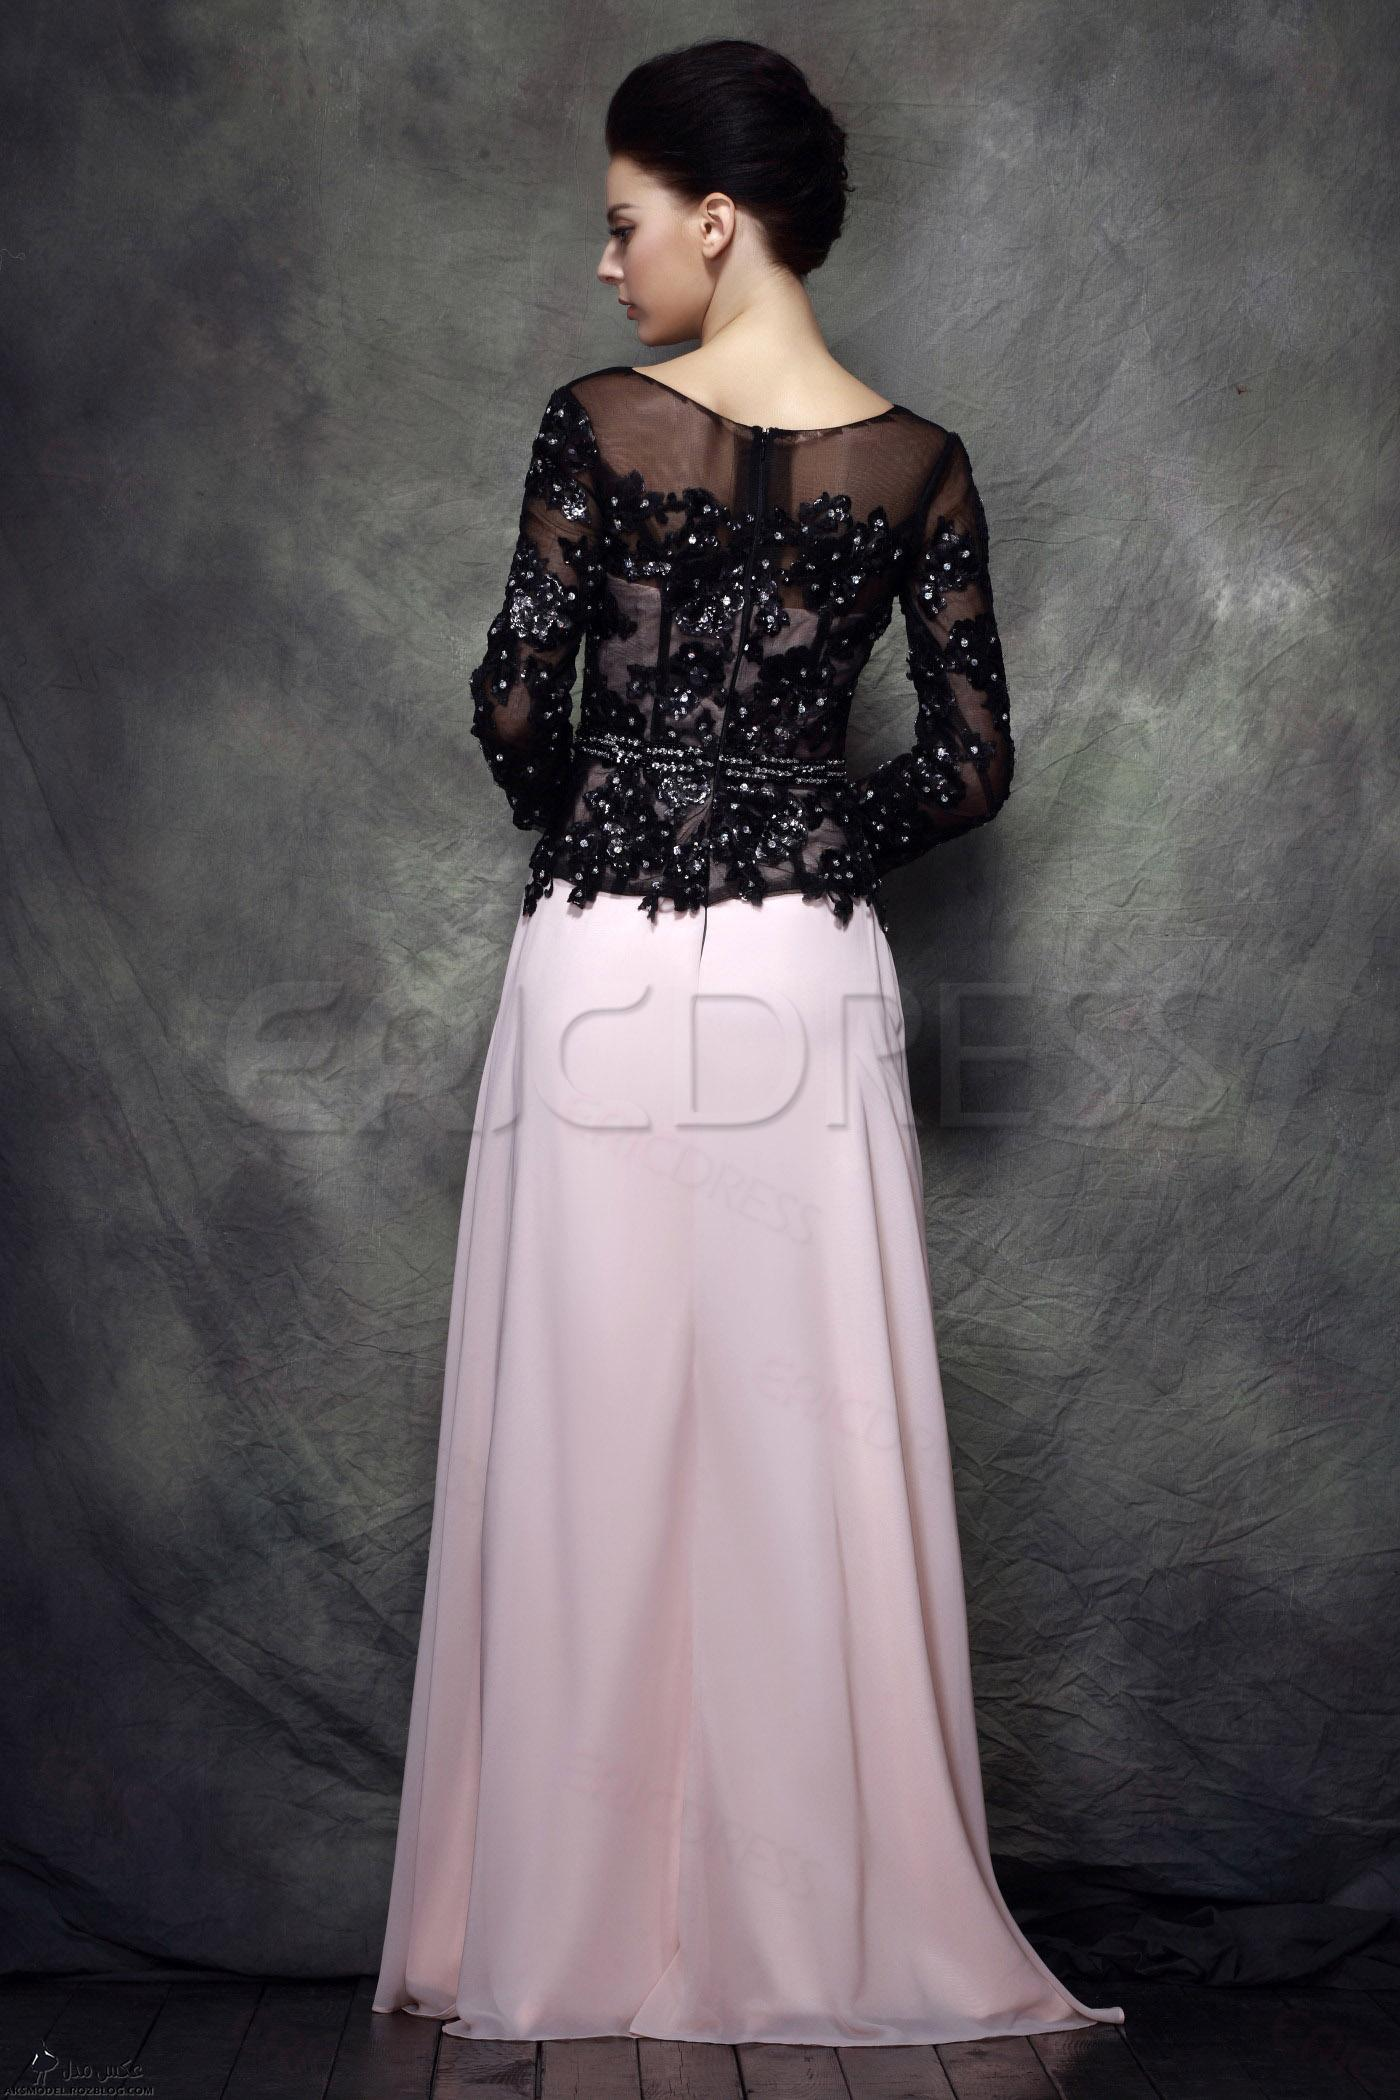 http://aksmodel.rozblog.com - مدل لباس مجلسی بلند